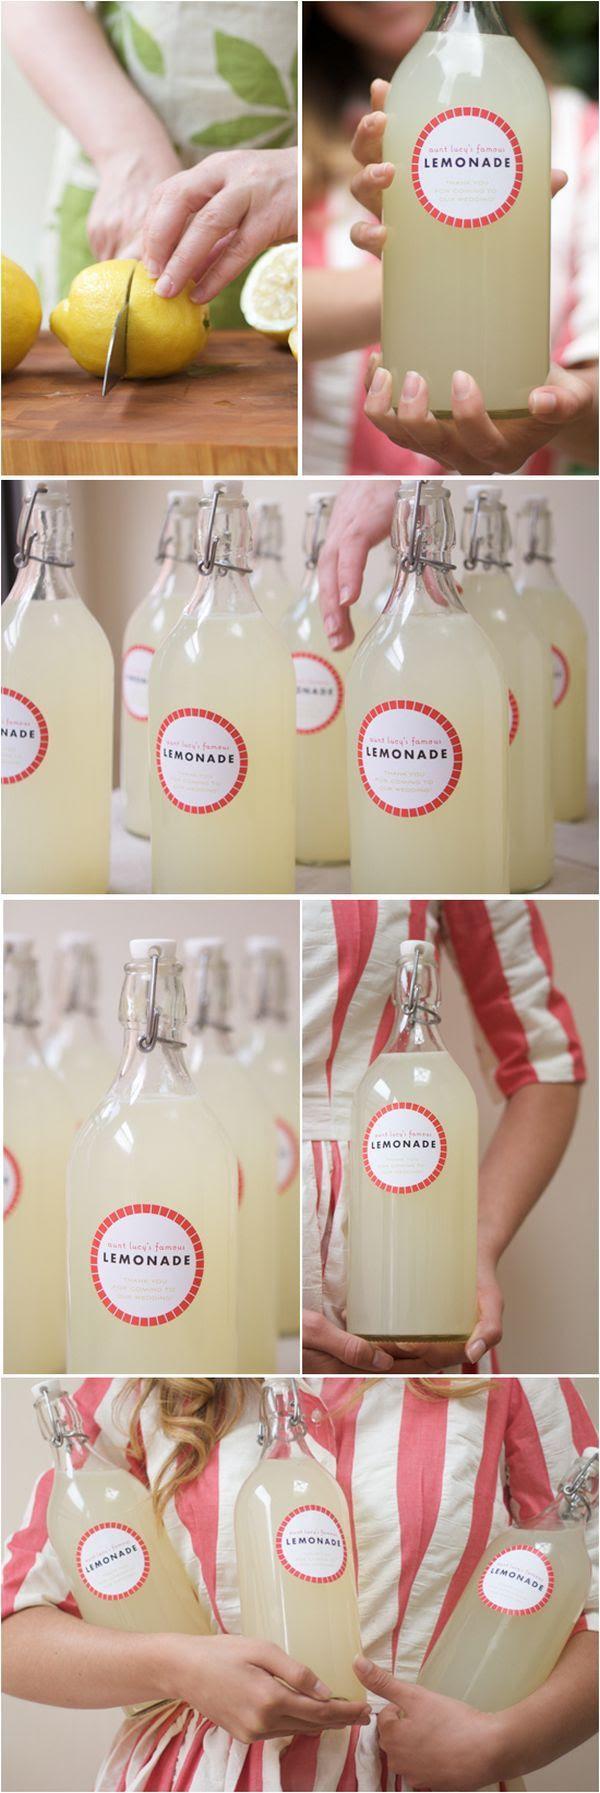 DIY Lemonade Wedding Favors